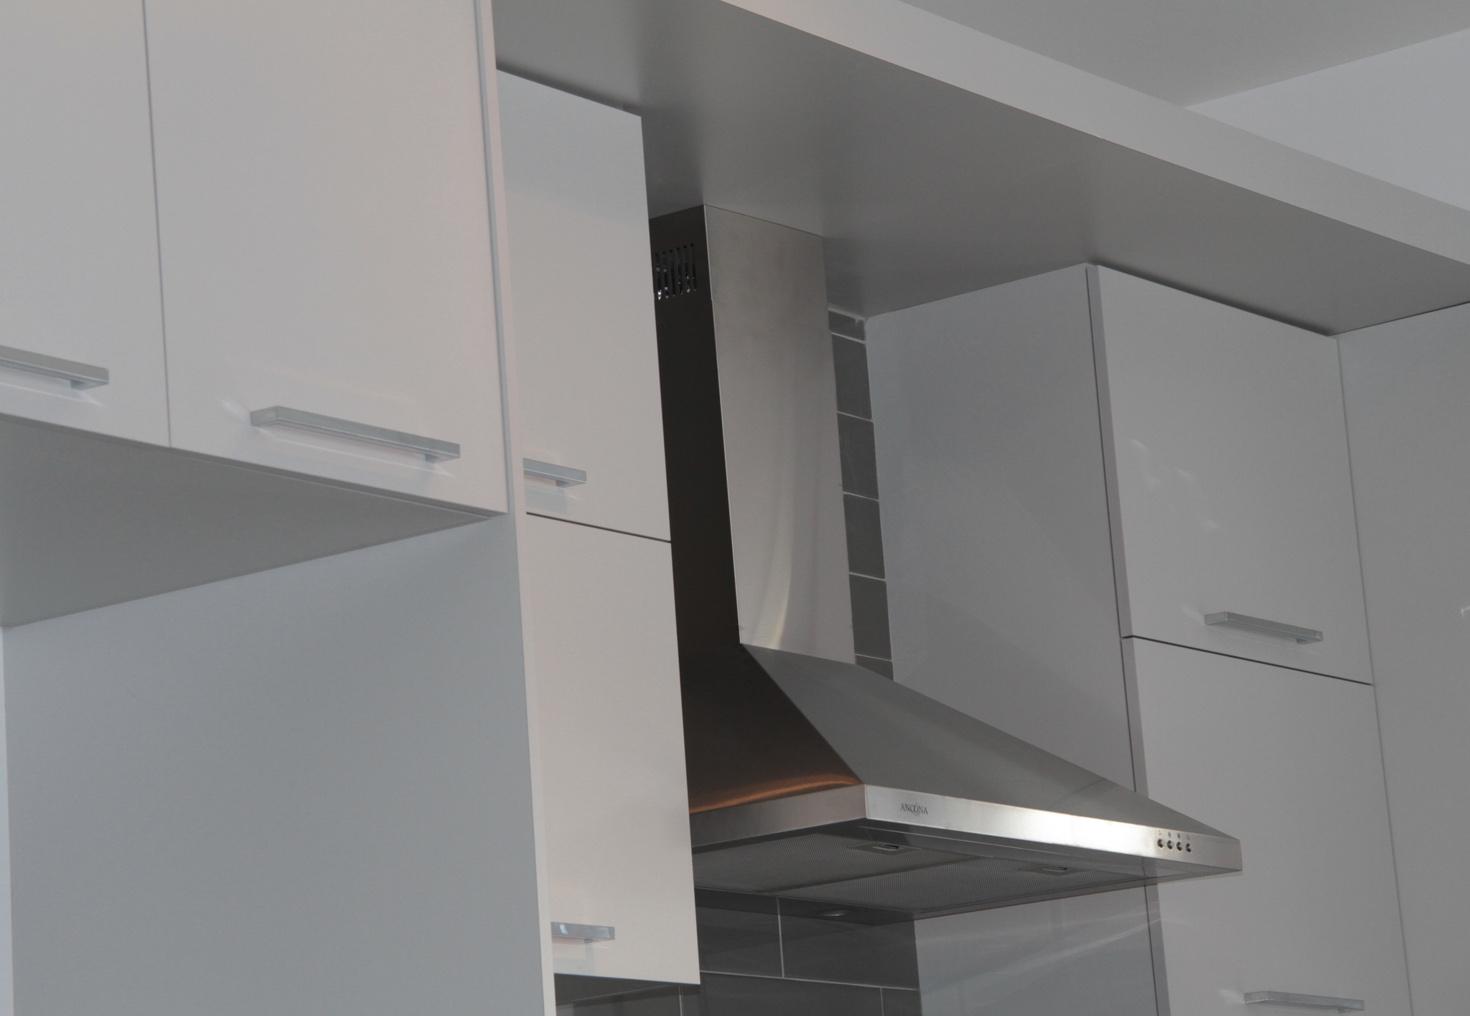 Armoires de cuisine m lamine - Armoires polyester vs thermoplastique ...